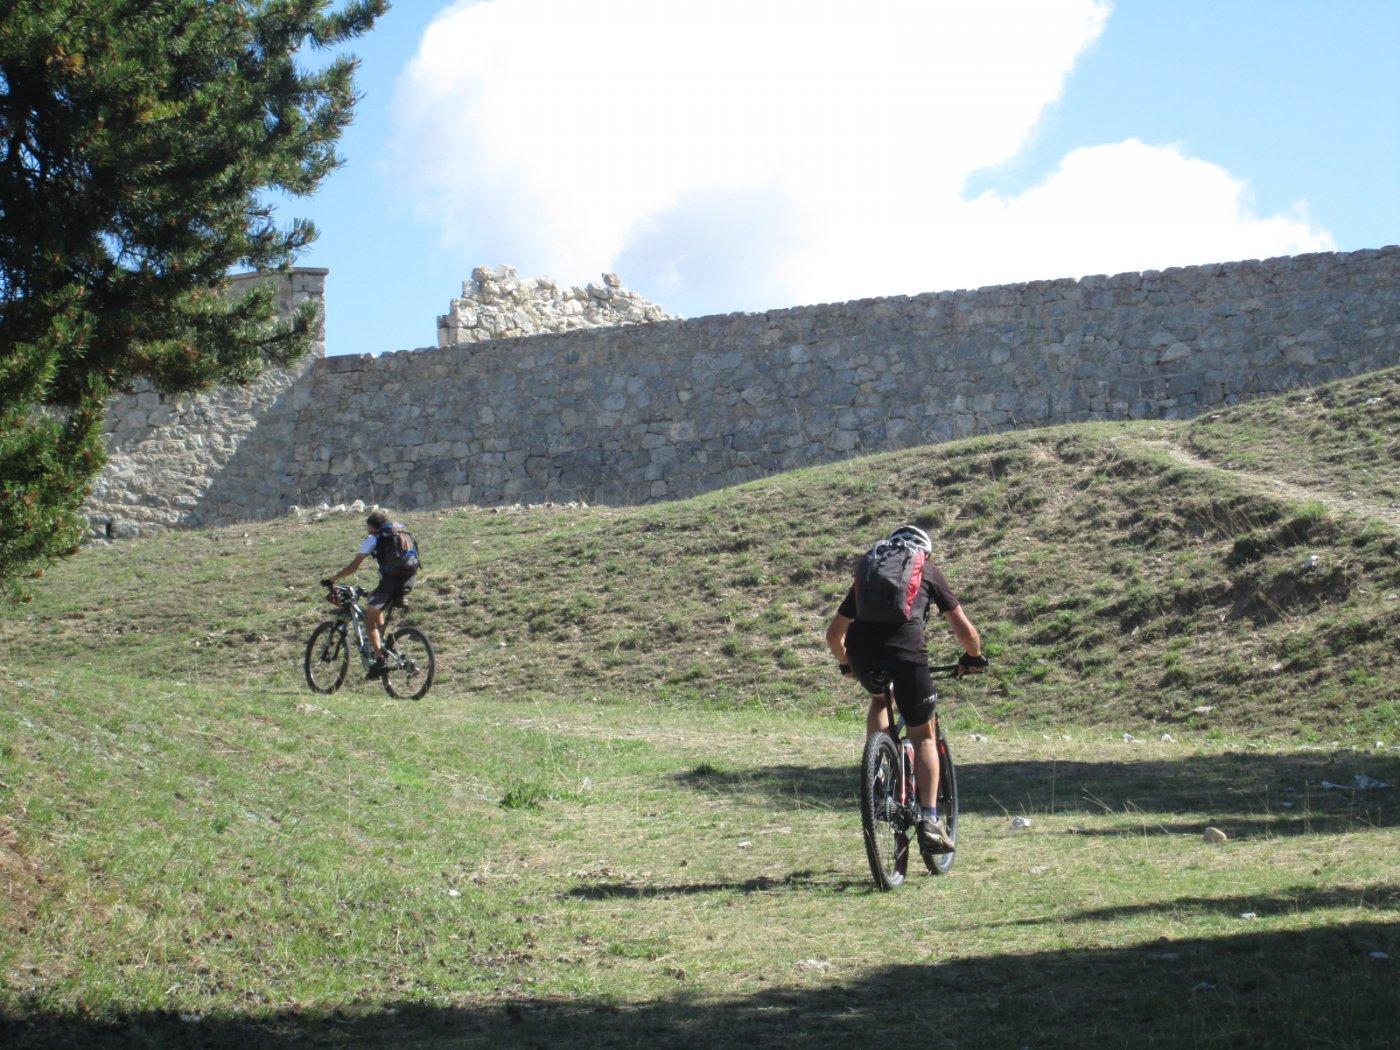 pedalando all'interno del forte